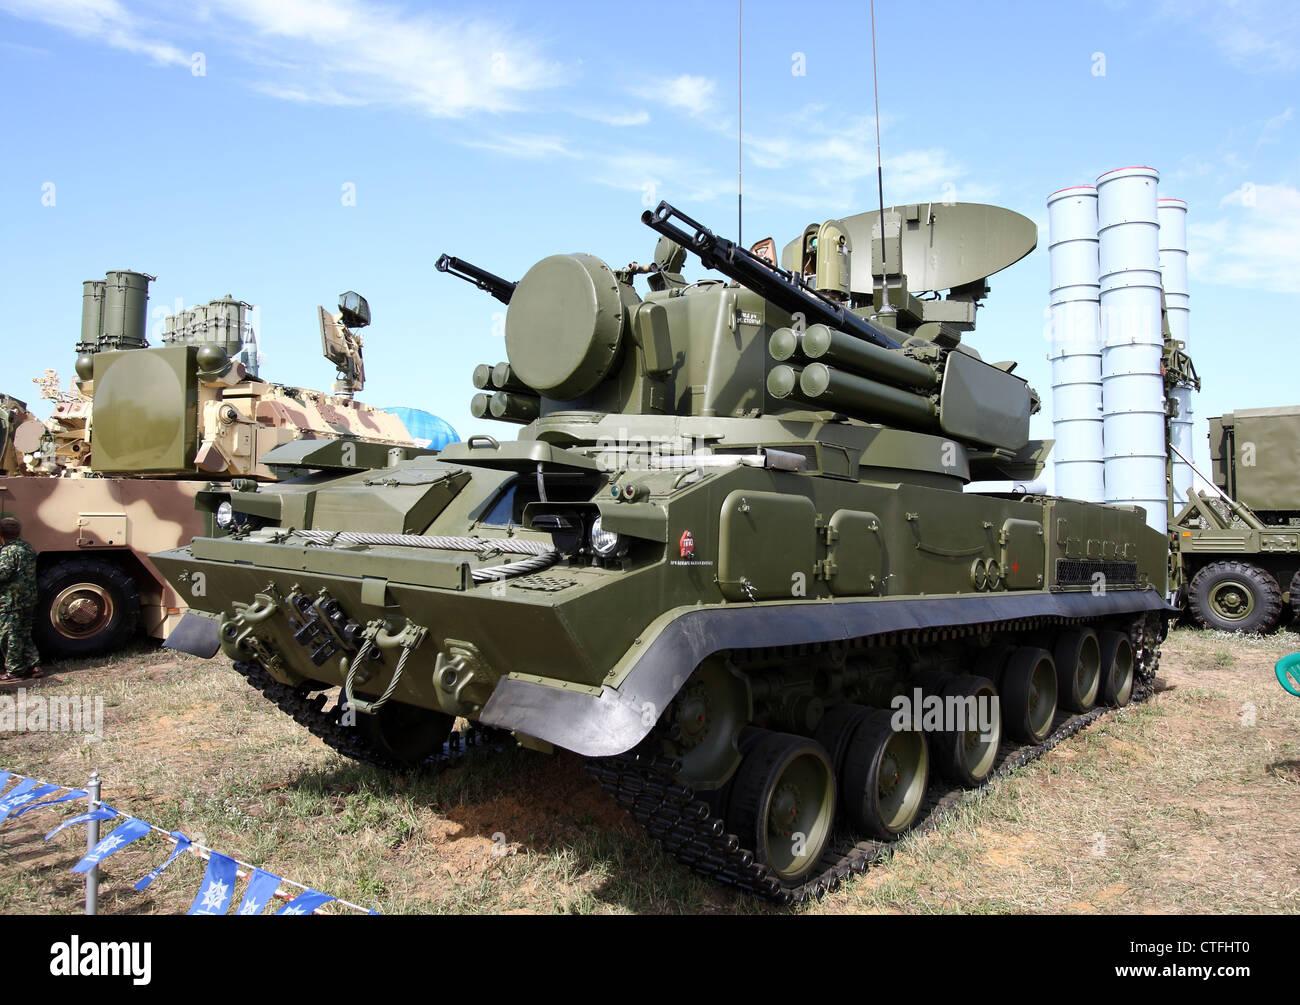 Nachverfolgte selbstfahrende Flugabwehr-Waffe bewaffnet mit einer Boden-Luft-Pistole und Rakete Tunguska (die internationale Stockbild